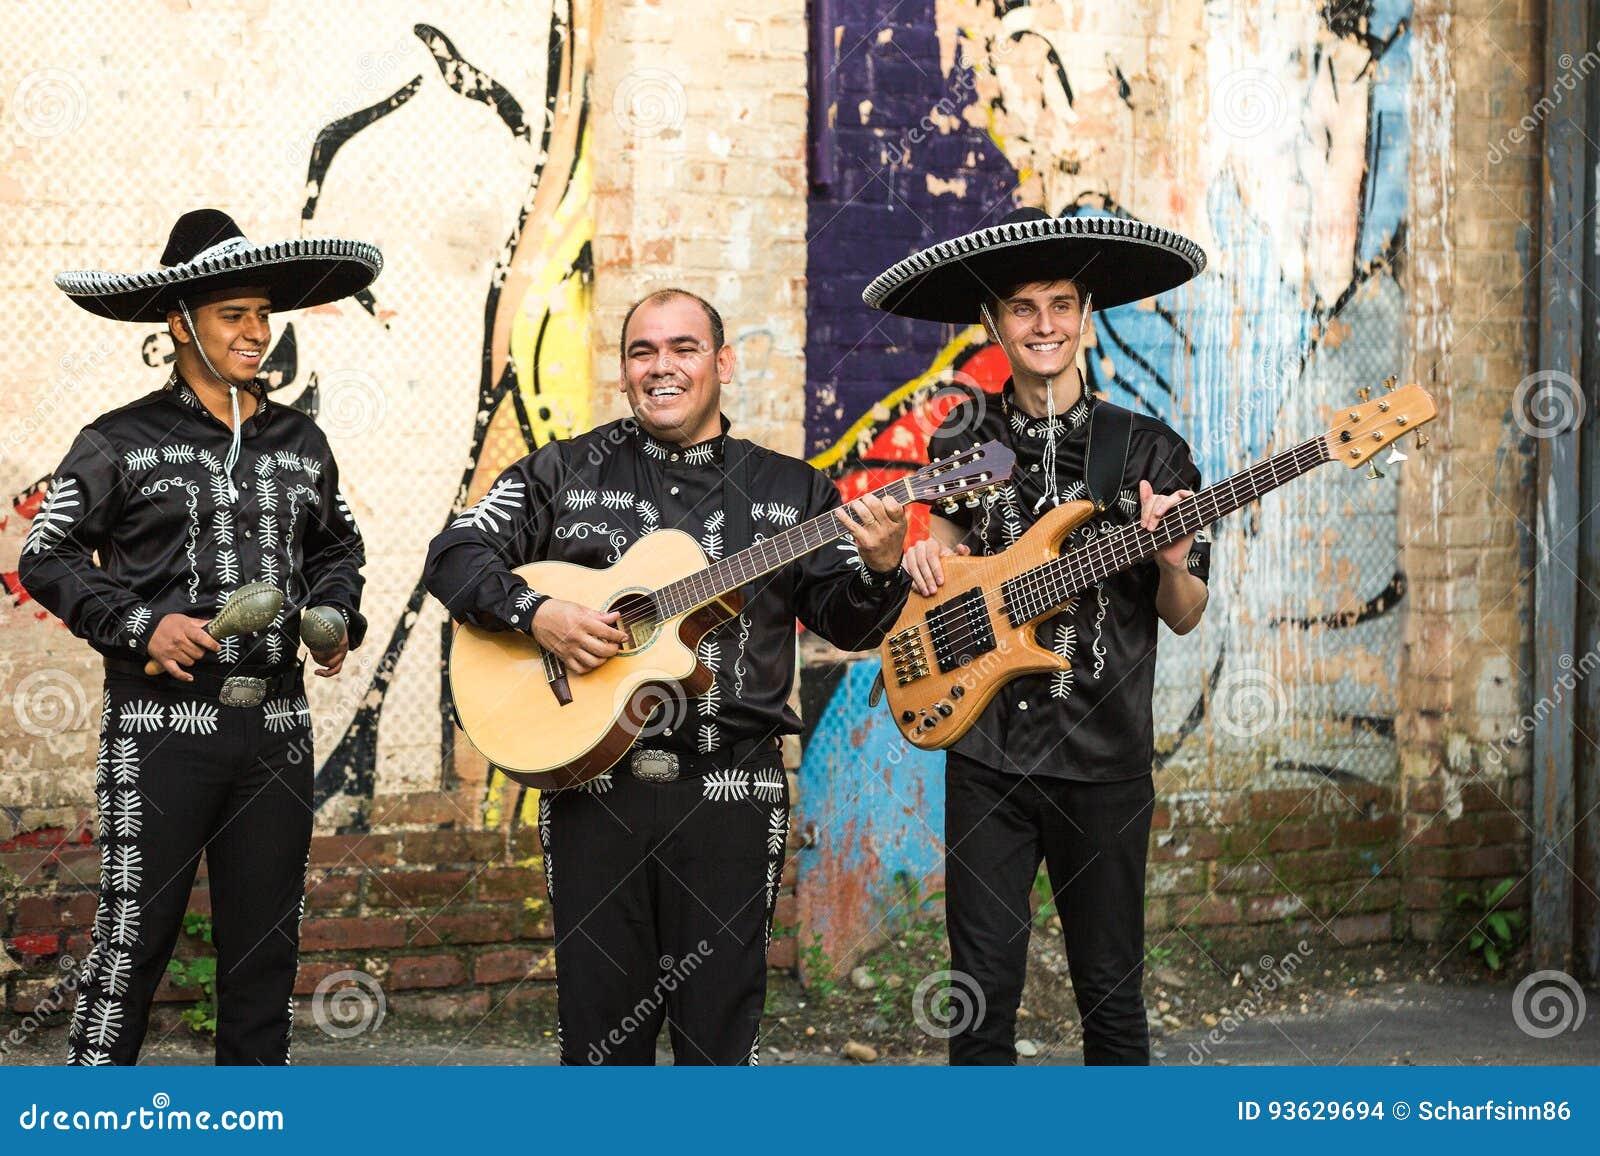 传统服装墨西哥流浪乐队的墨西哥音乐家